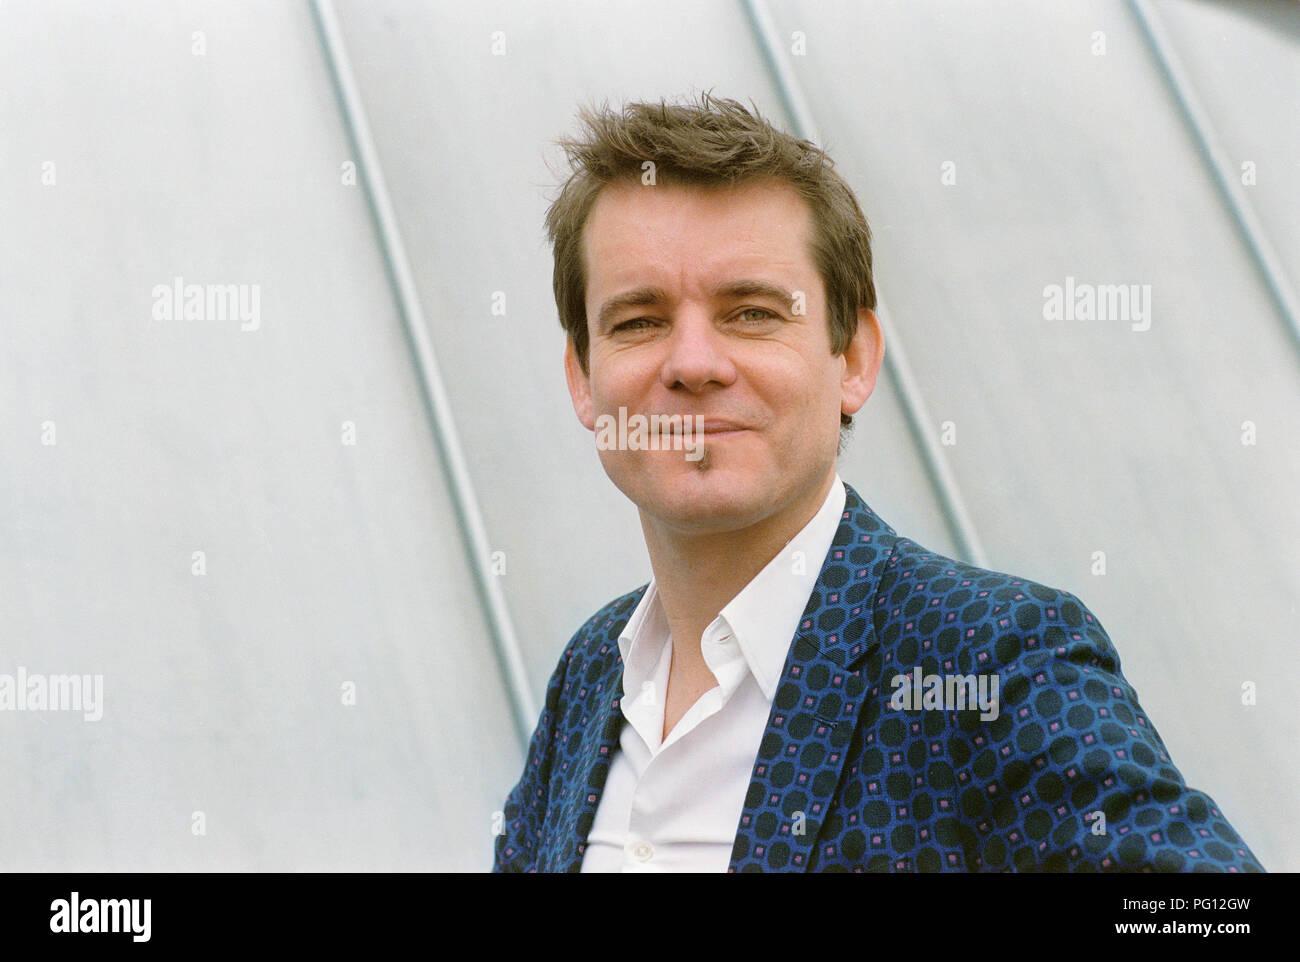 Bart Moeyaert (Children's Book Author - Flanders) - 03/16/2010 - Stock Image